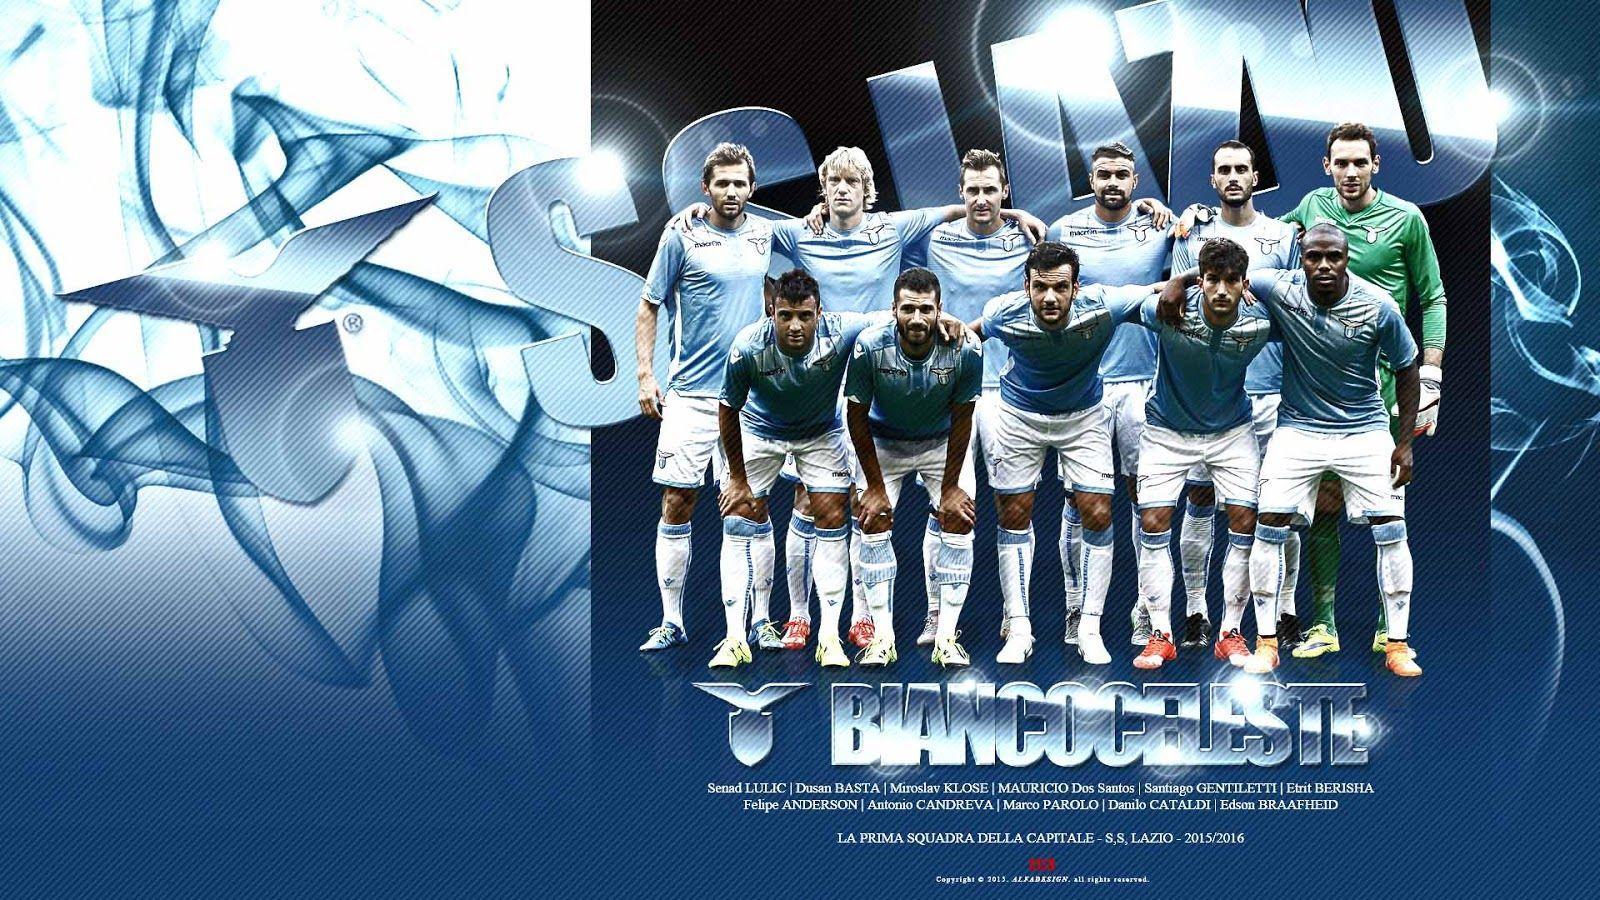 S.S. Lazio Background 8